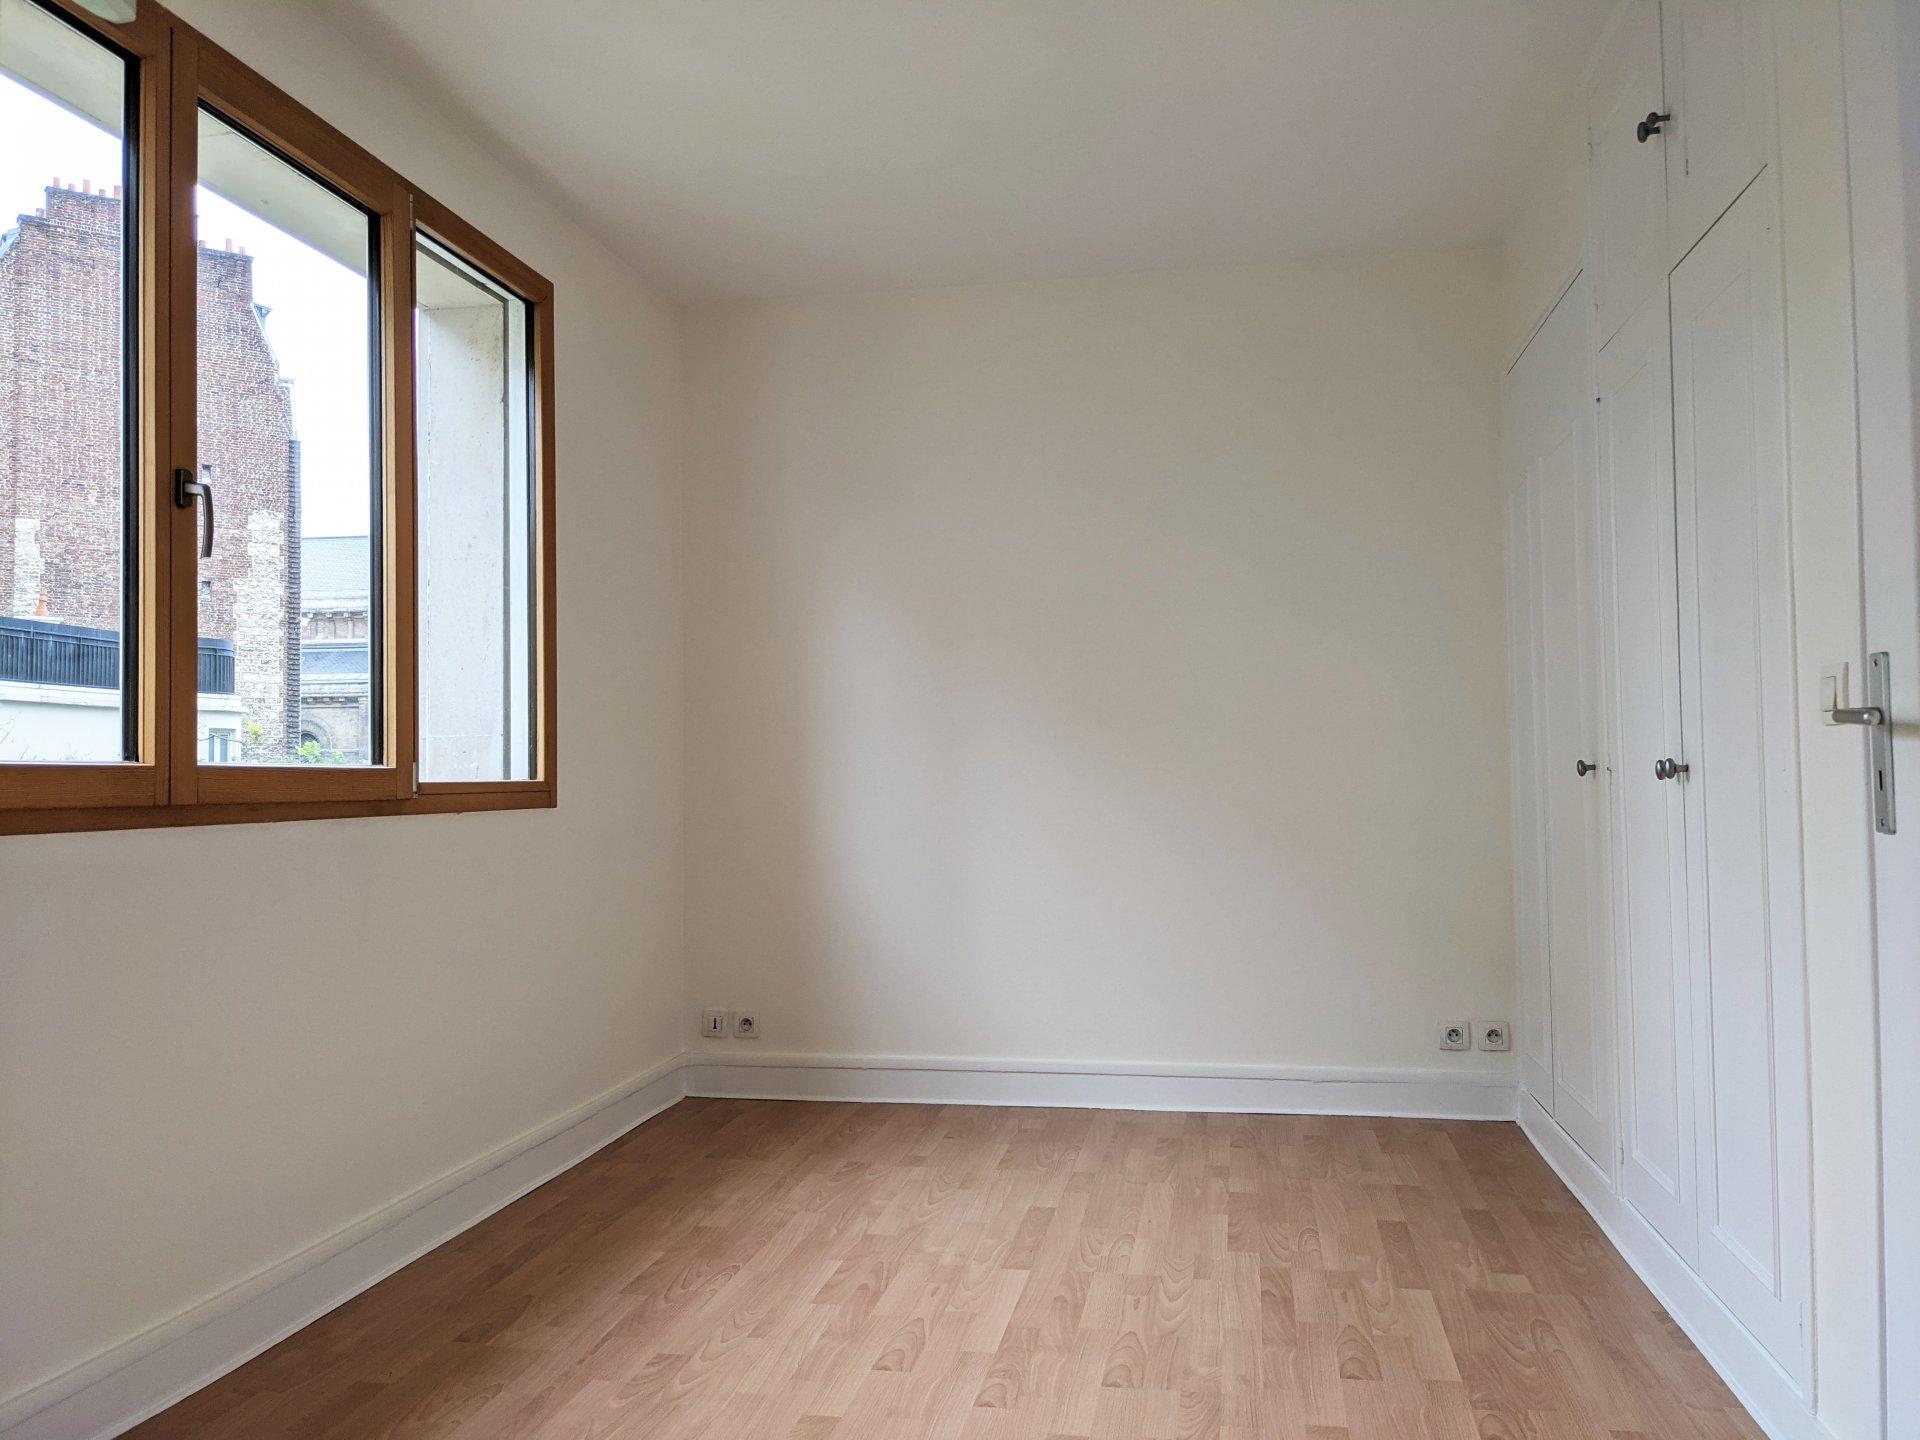 Appartement 3 pièces 69 m² 75016 Paris